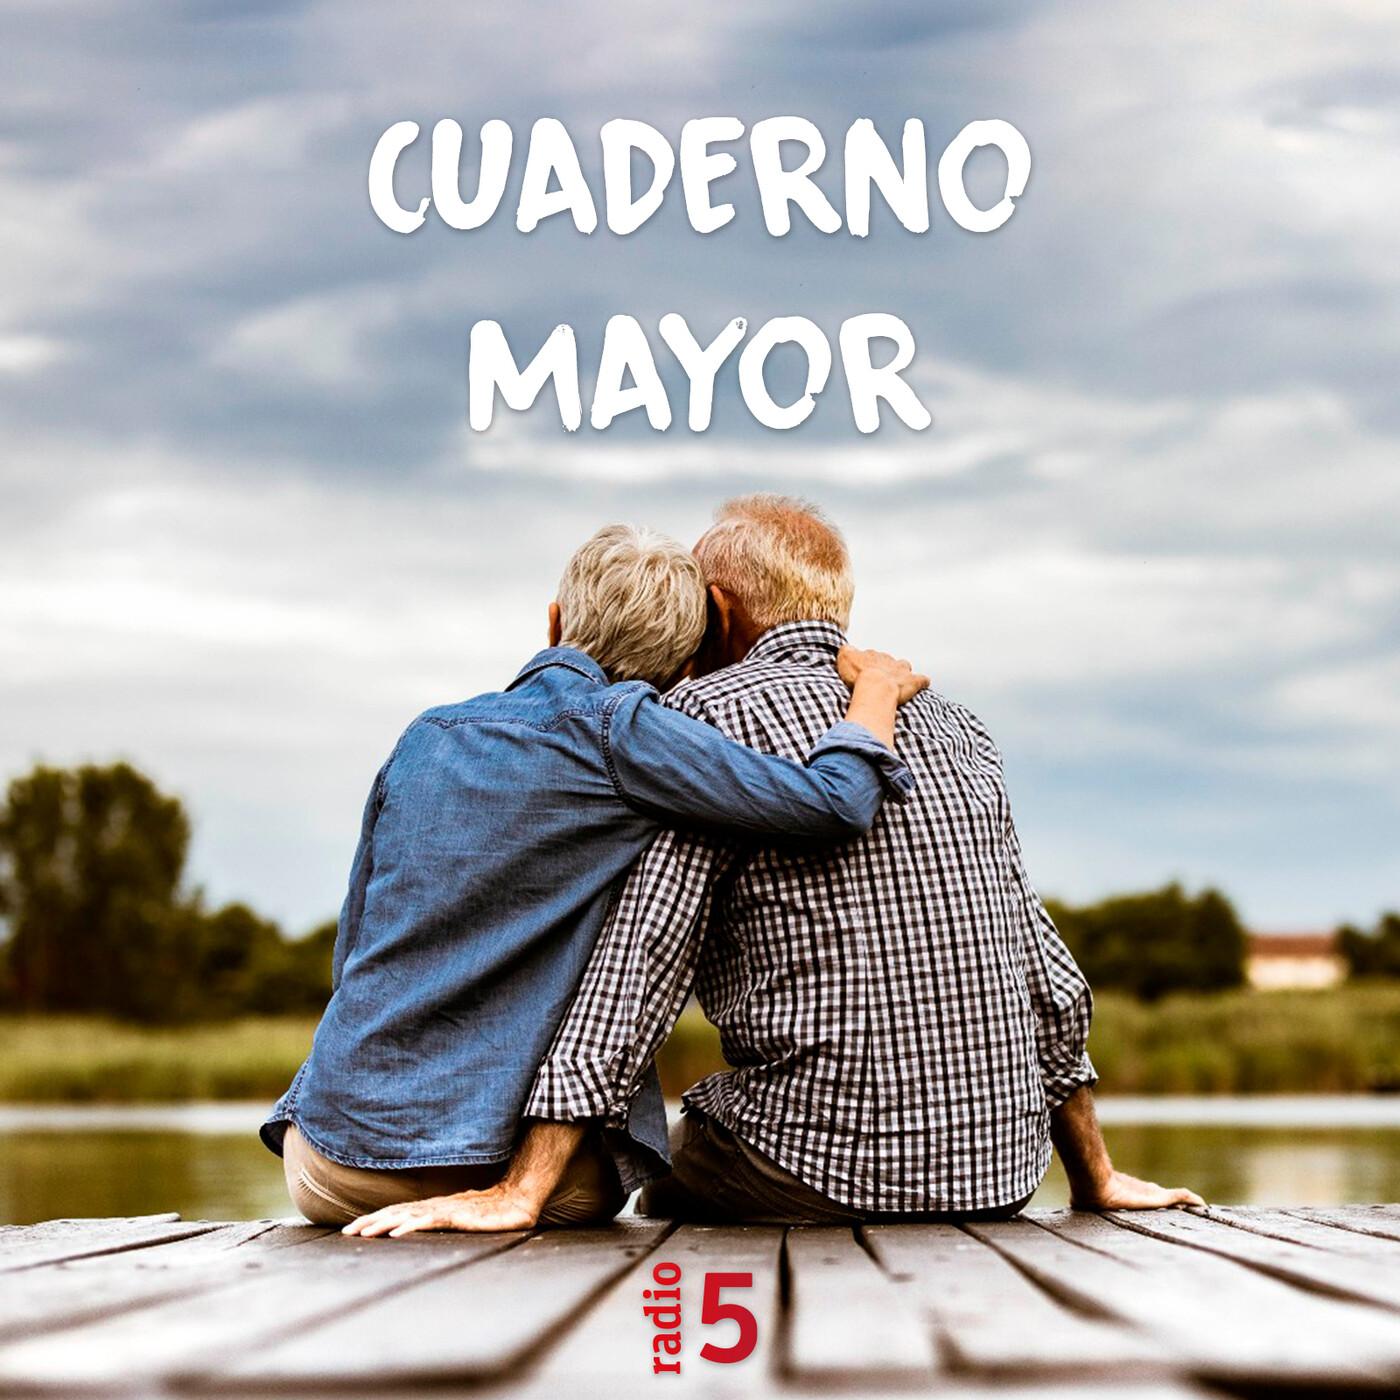 Cuaderno mayor - Medidas para proteger a las personas mayores - 20/10/20